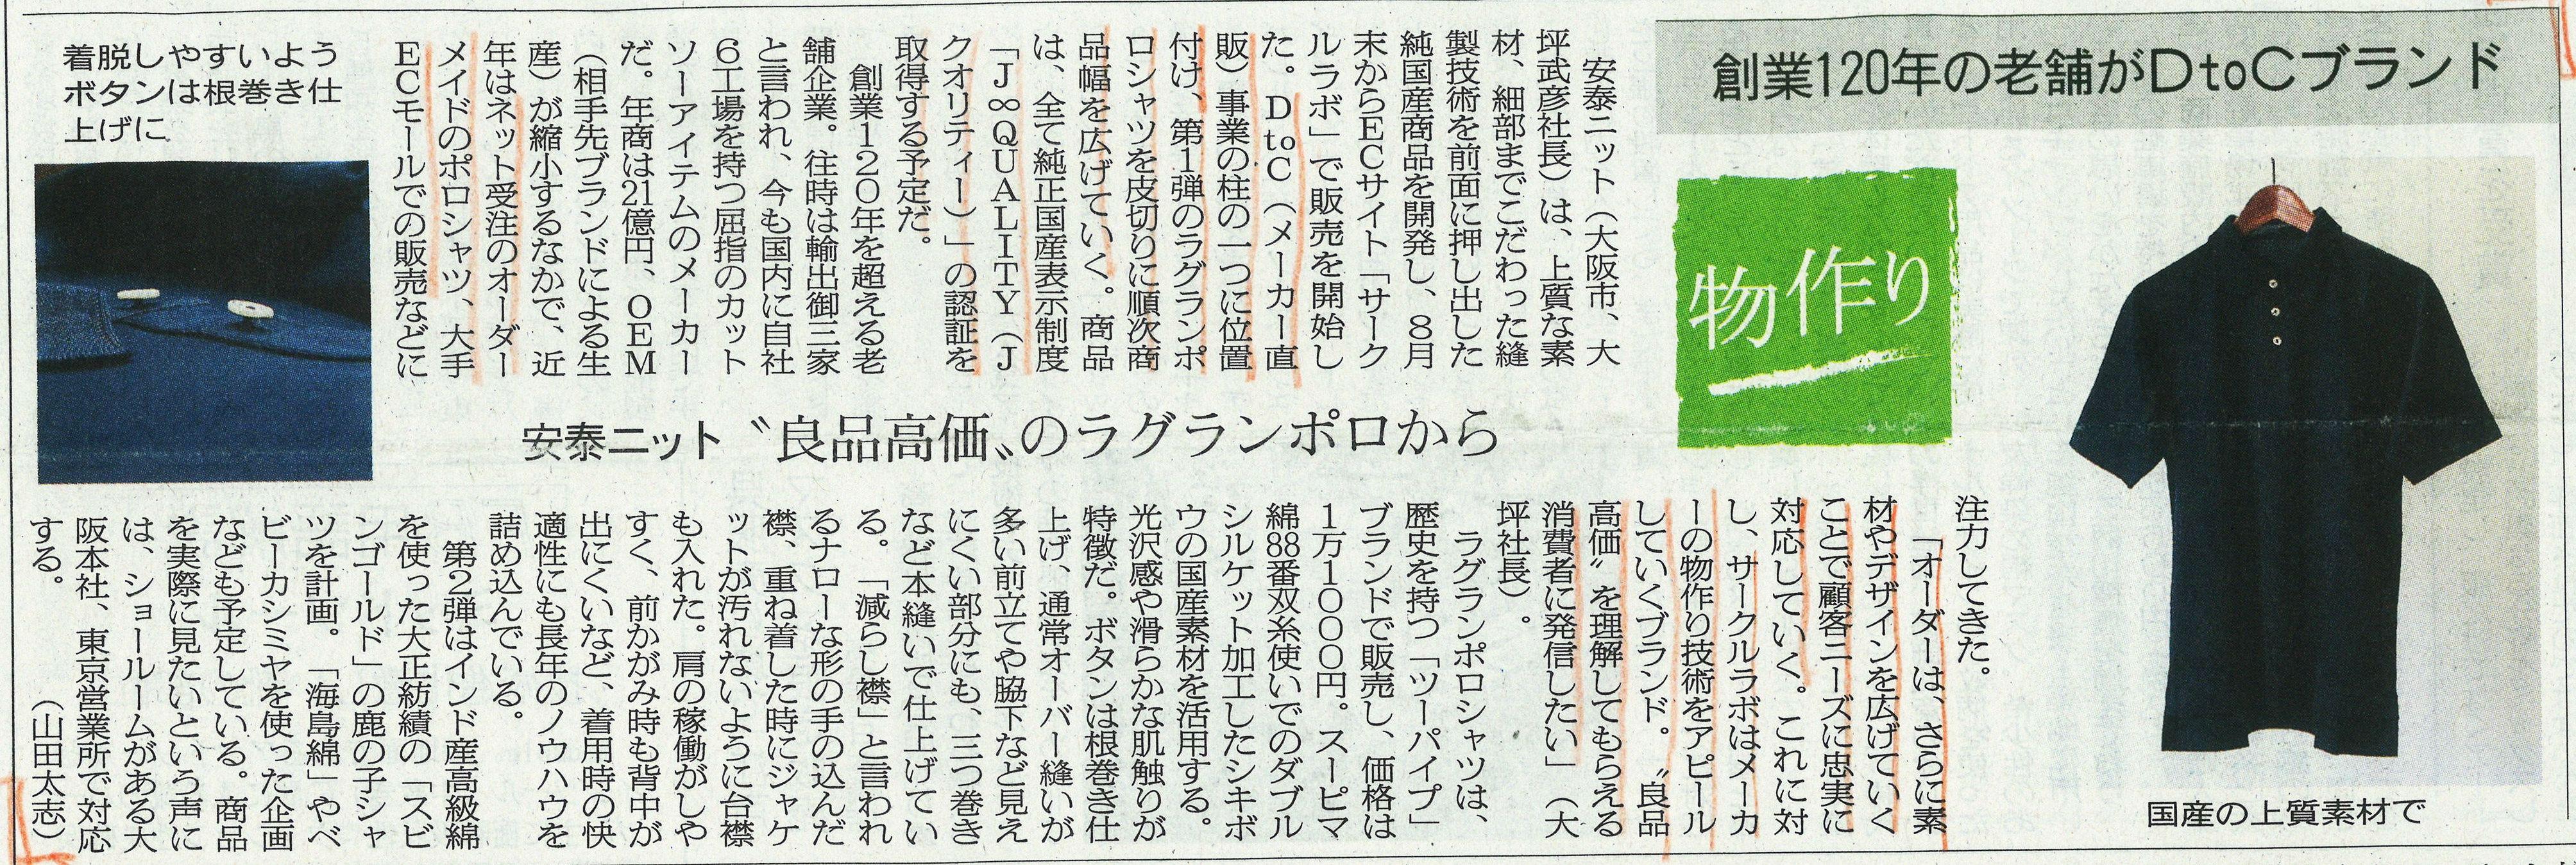 【メディア掲載】繊研新聞に掲載していただきました!